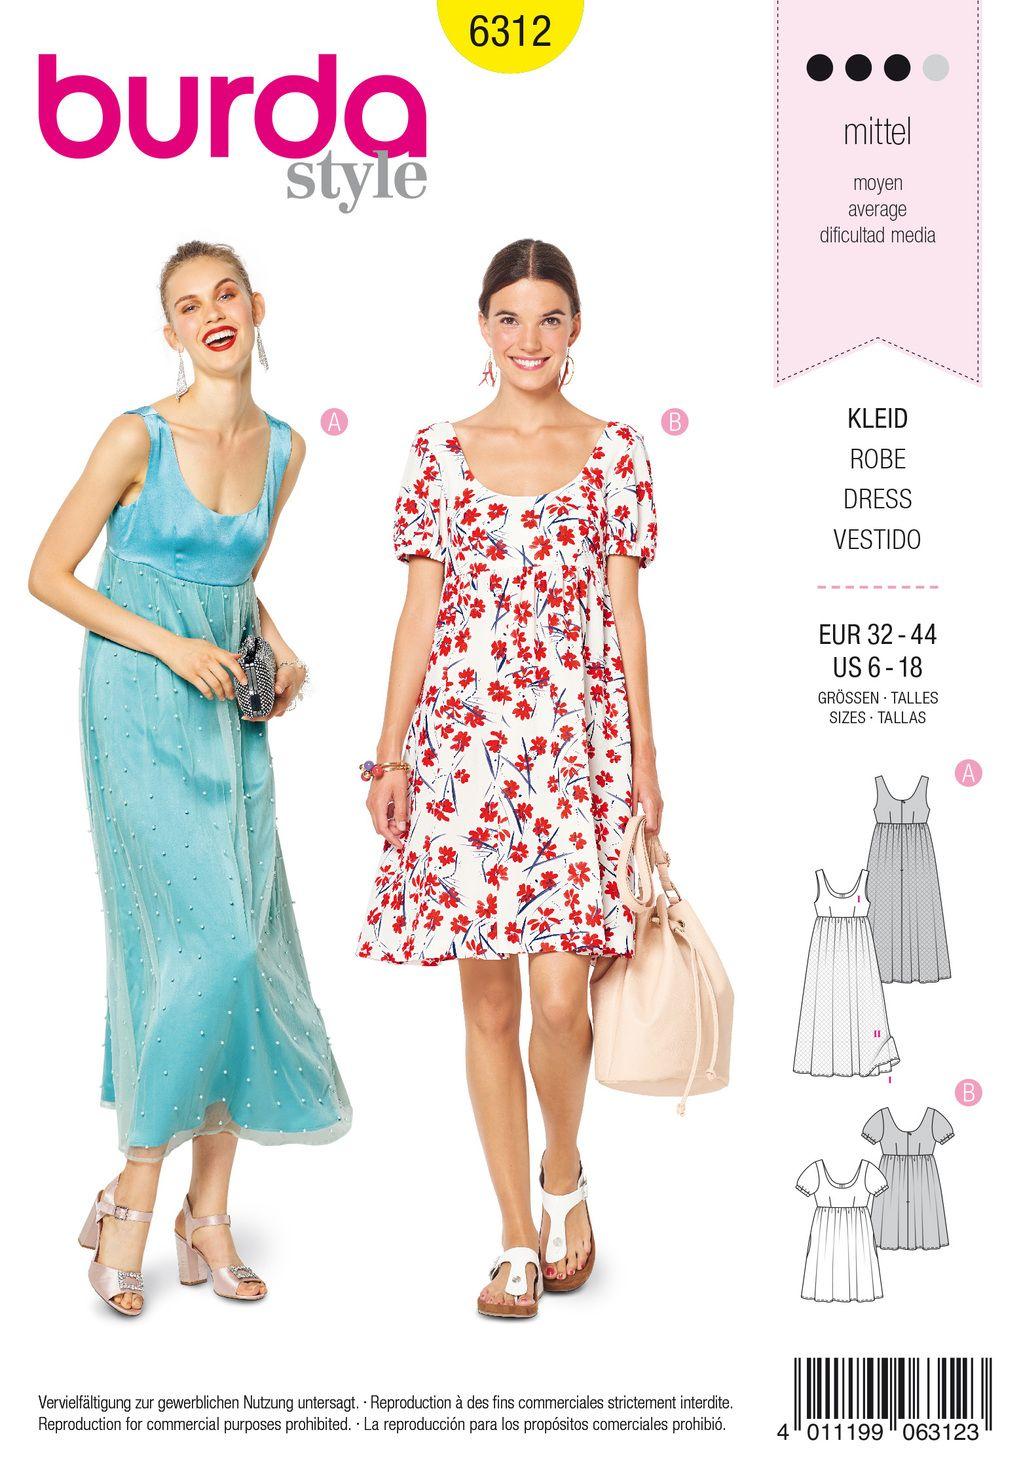 Empirekleid  Mode zum Selbernähen im burda style Onlineshop